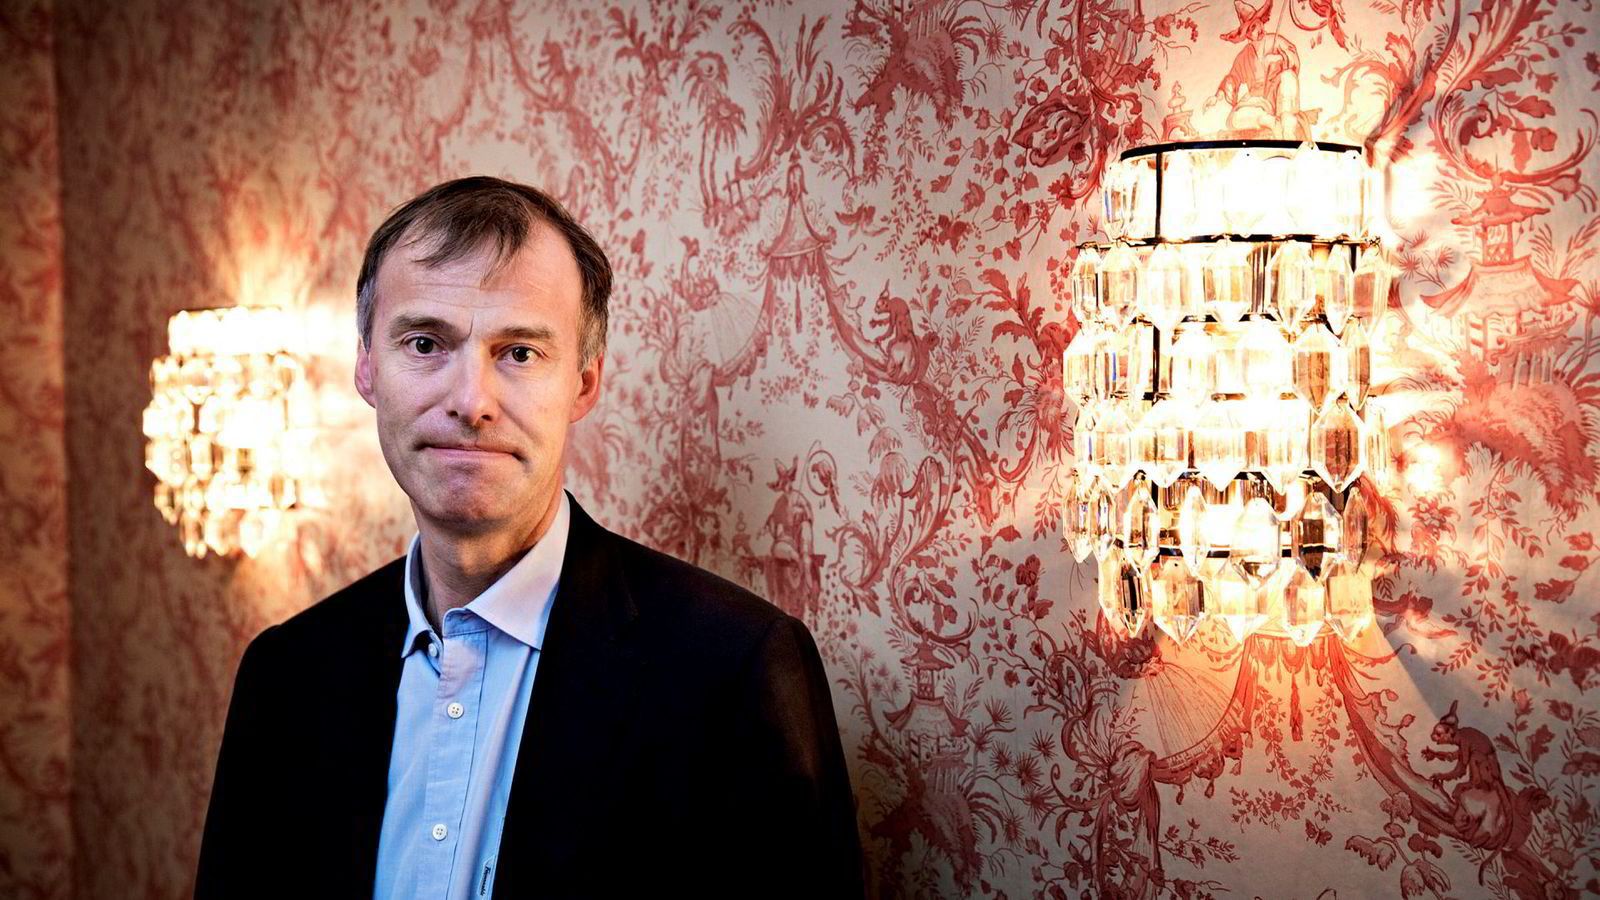 Petter Dragesund var sjef for corporateavdelingen i Pareto da de omstridte aksjehandlene skjedde i 2010. Her avbildet i 2013.